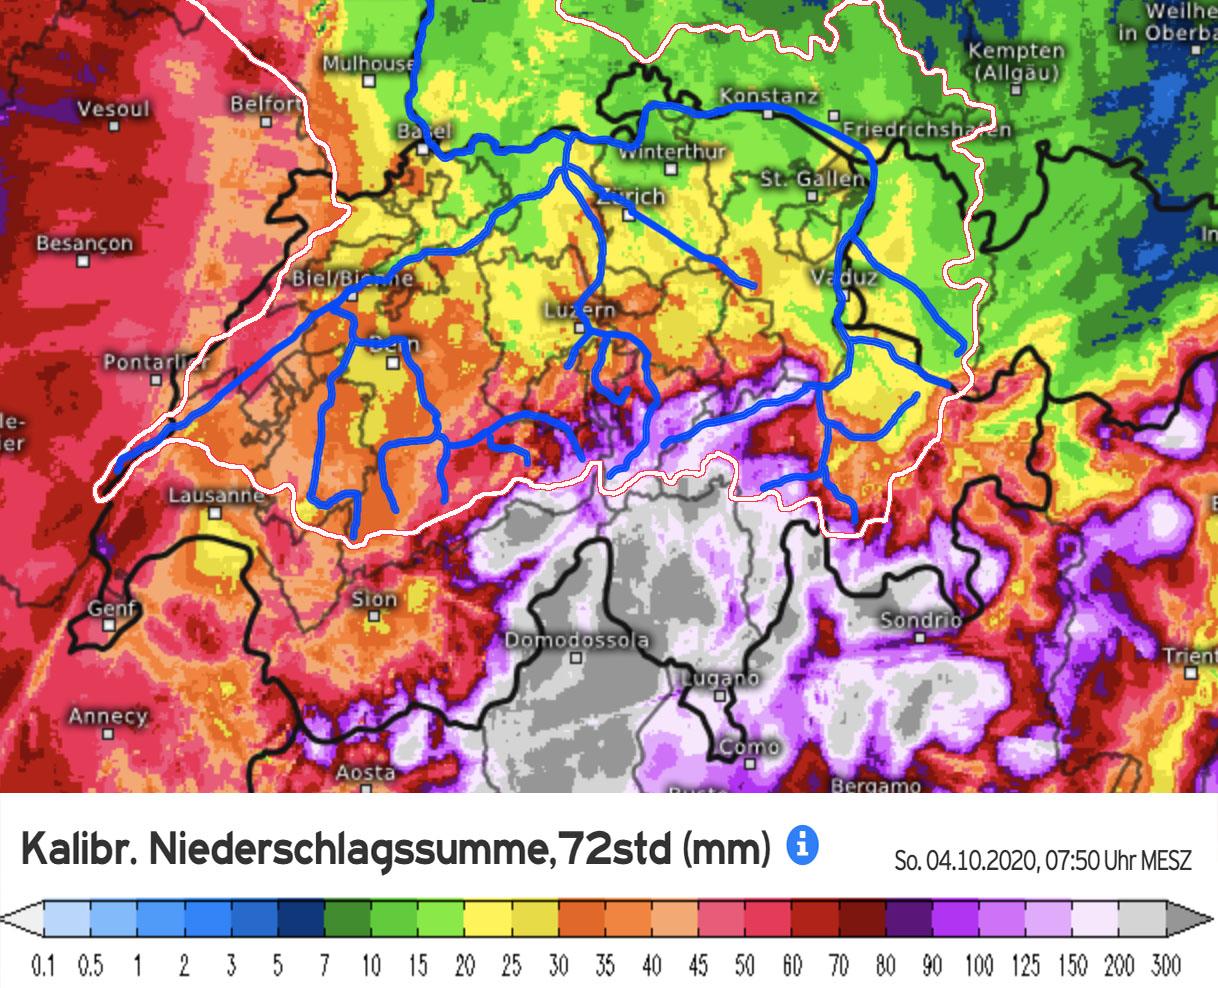 Neerslagkaart Zwitserland waarin de extreme regenval aan de zuidkant van de Alpen goed zichtbaar is. De regen bereikte echter ook de noordkant van de Alpen en dit water is nu onderweg in de Rijn.